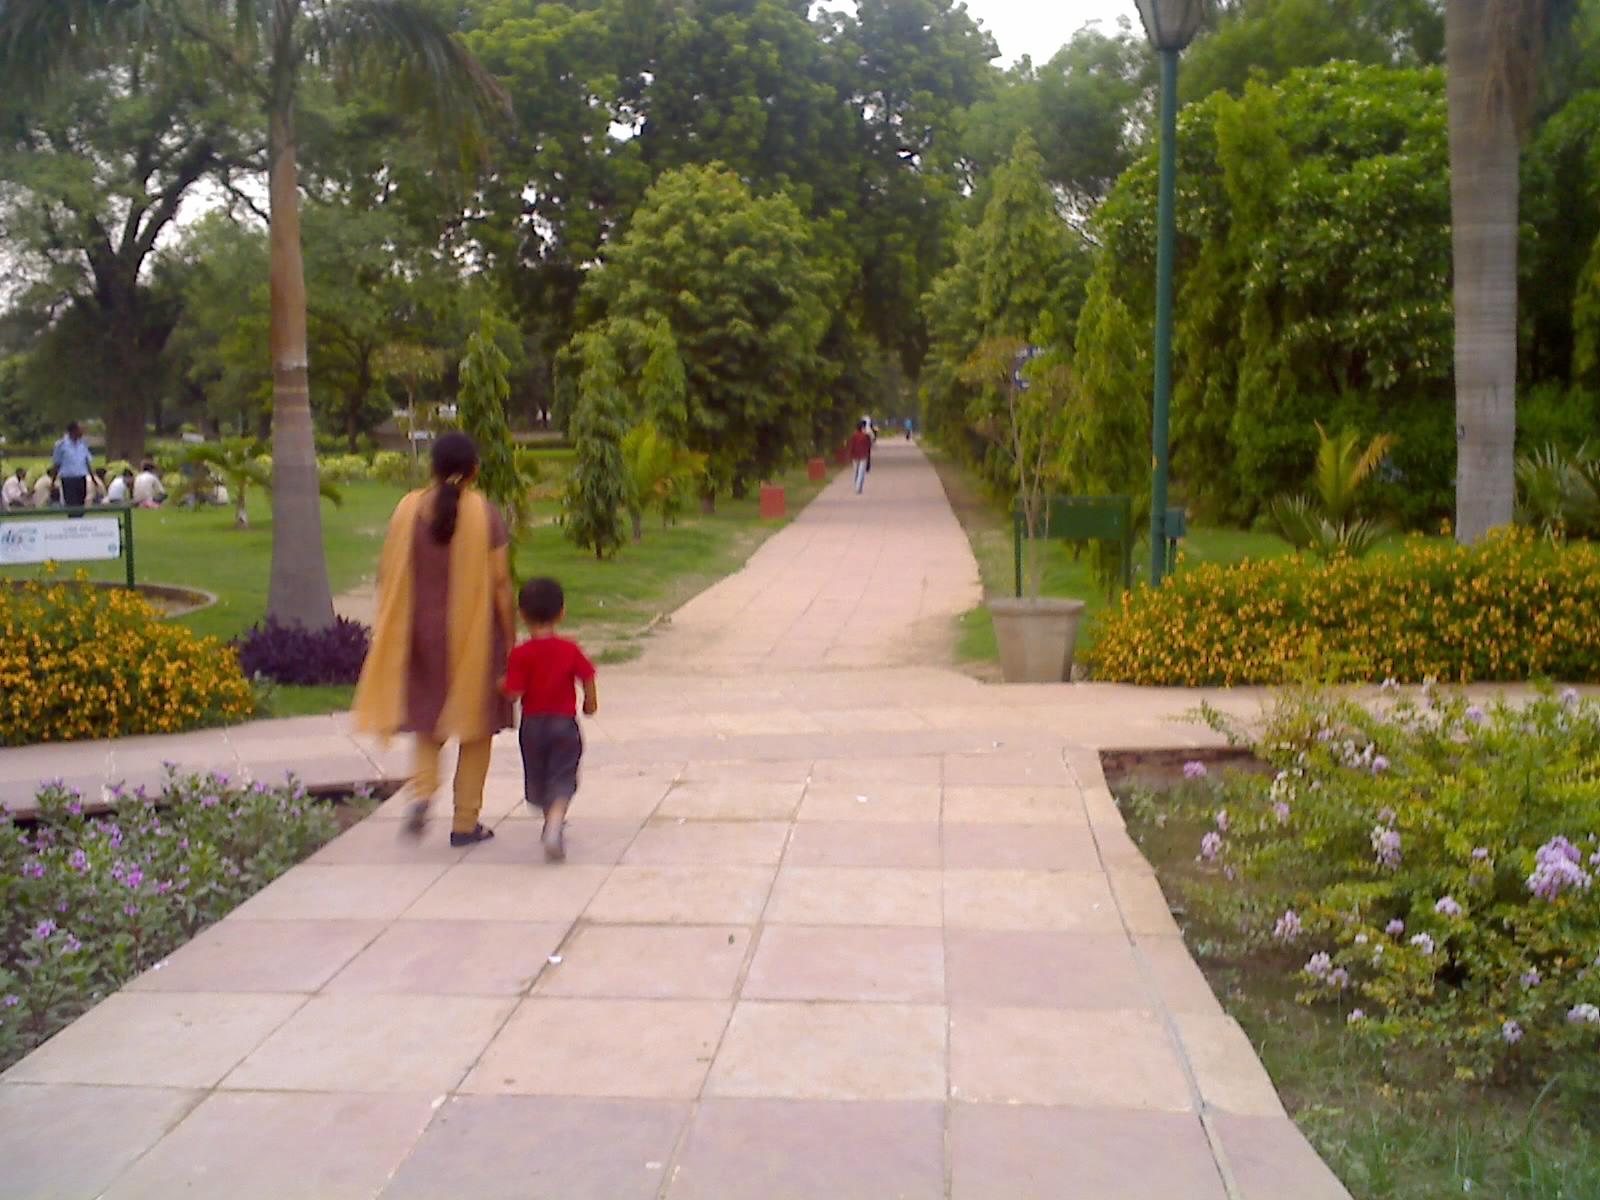 Talkatora_garden_new_delhi_07.jpg (1600×1200)